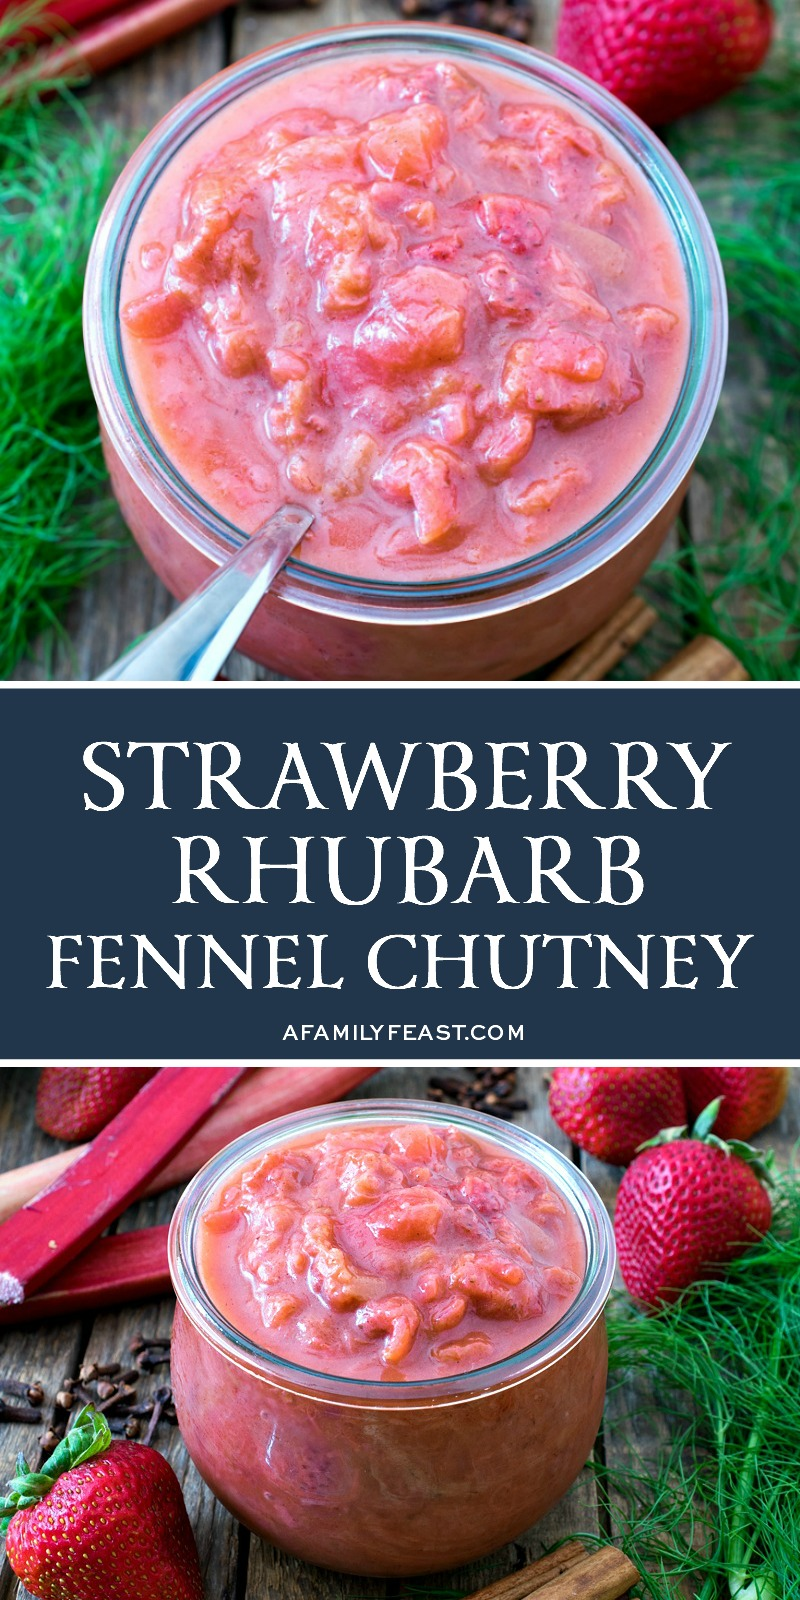 Strawberry Rhubarb Fennel Chutney